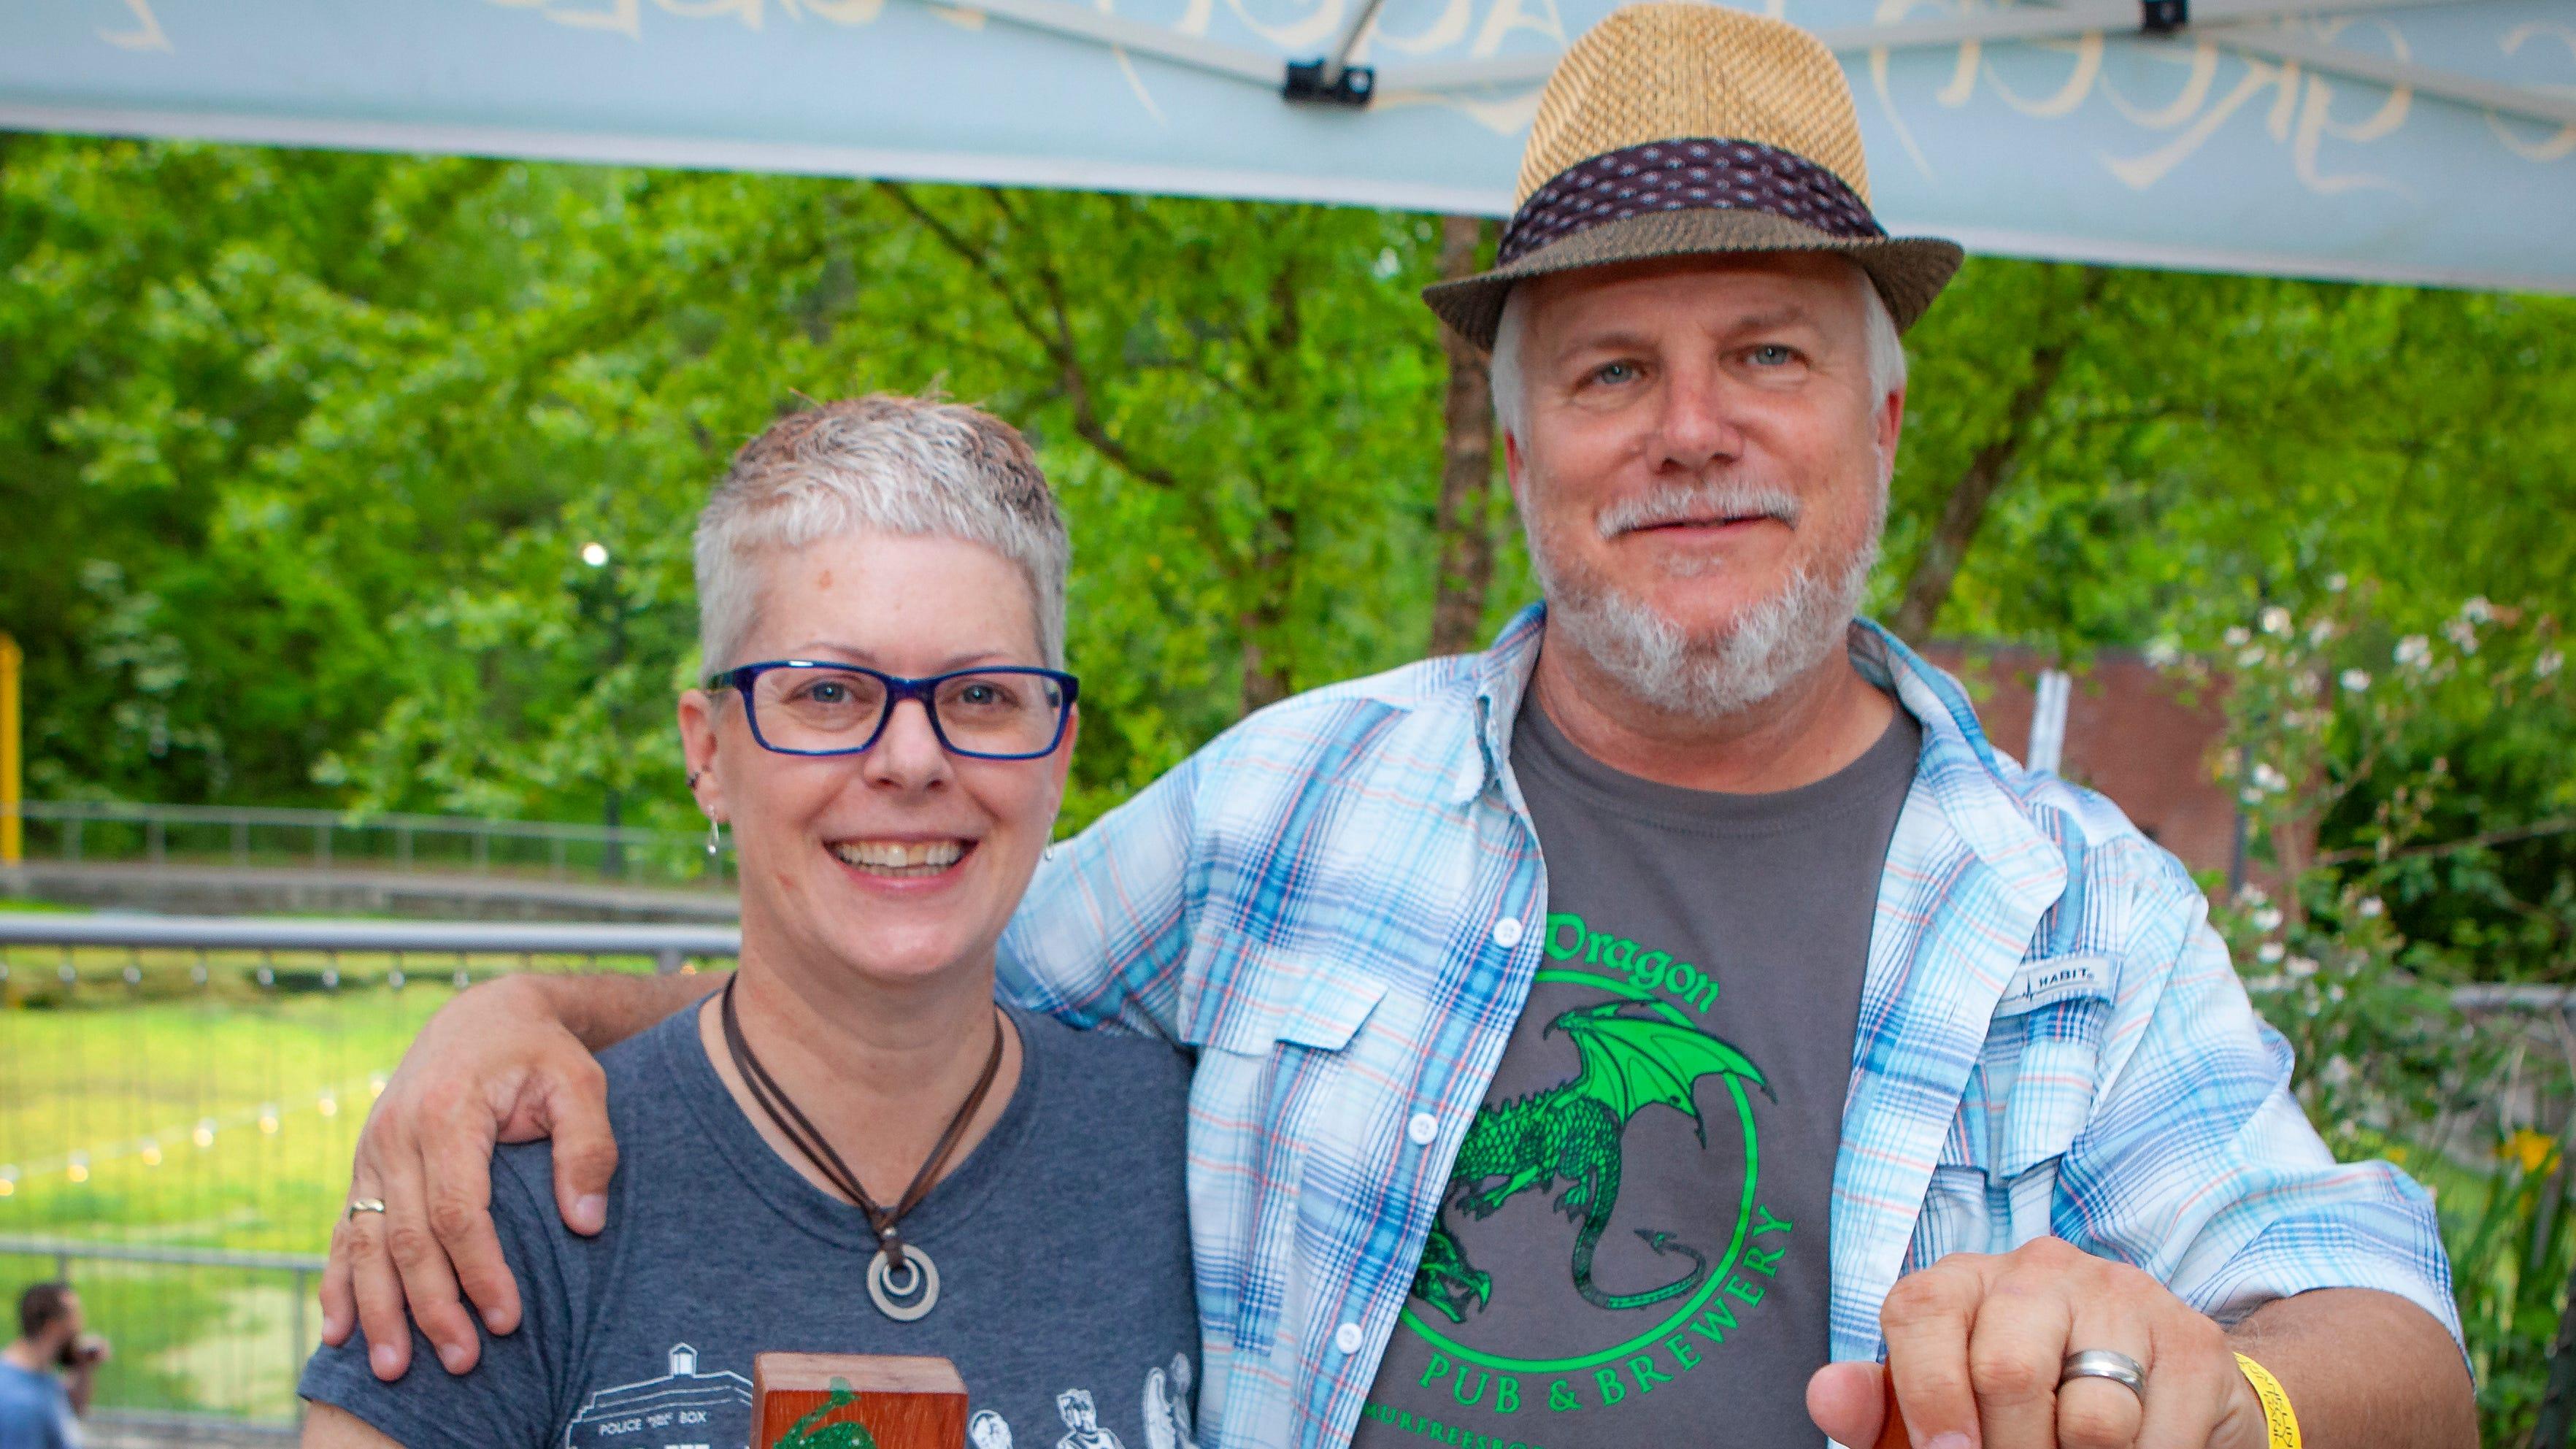 Kimberly and Joe Minter at Shakesbeer, held May 3, 2019 at the Discovery Center at Murfree Spring.